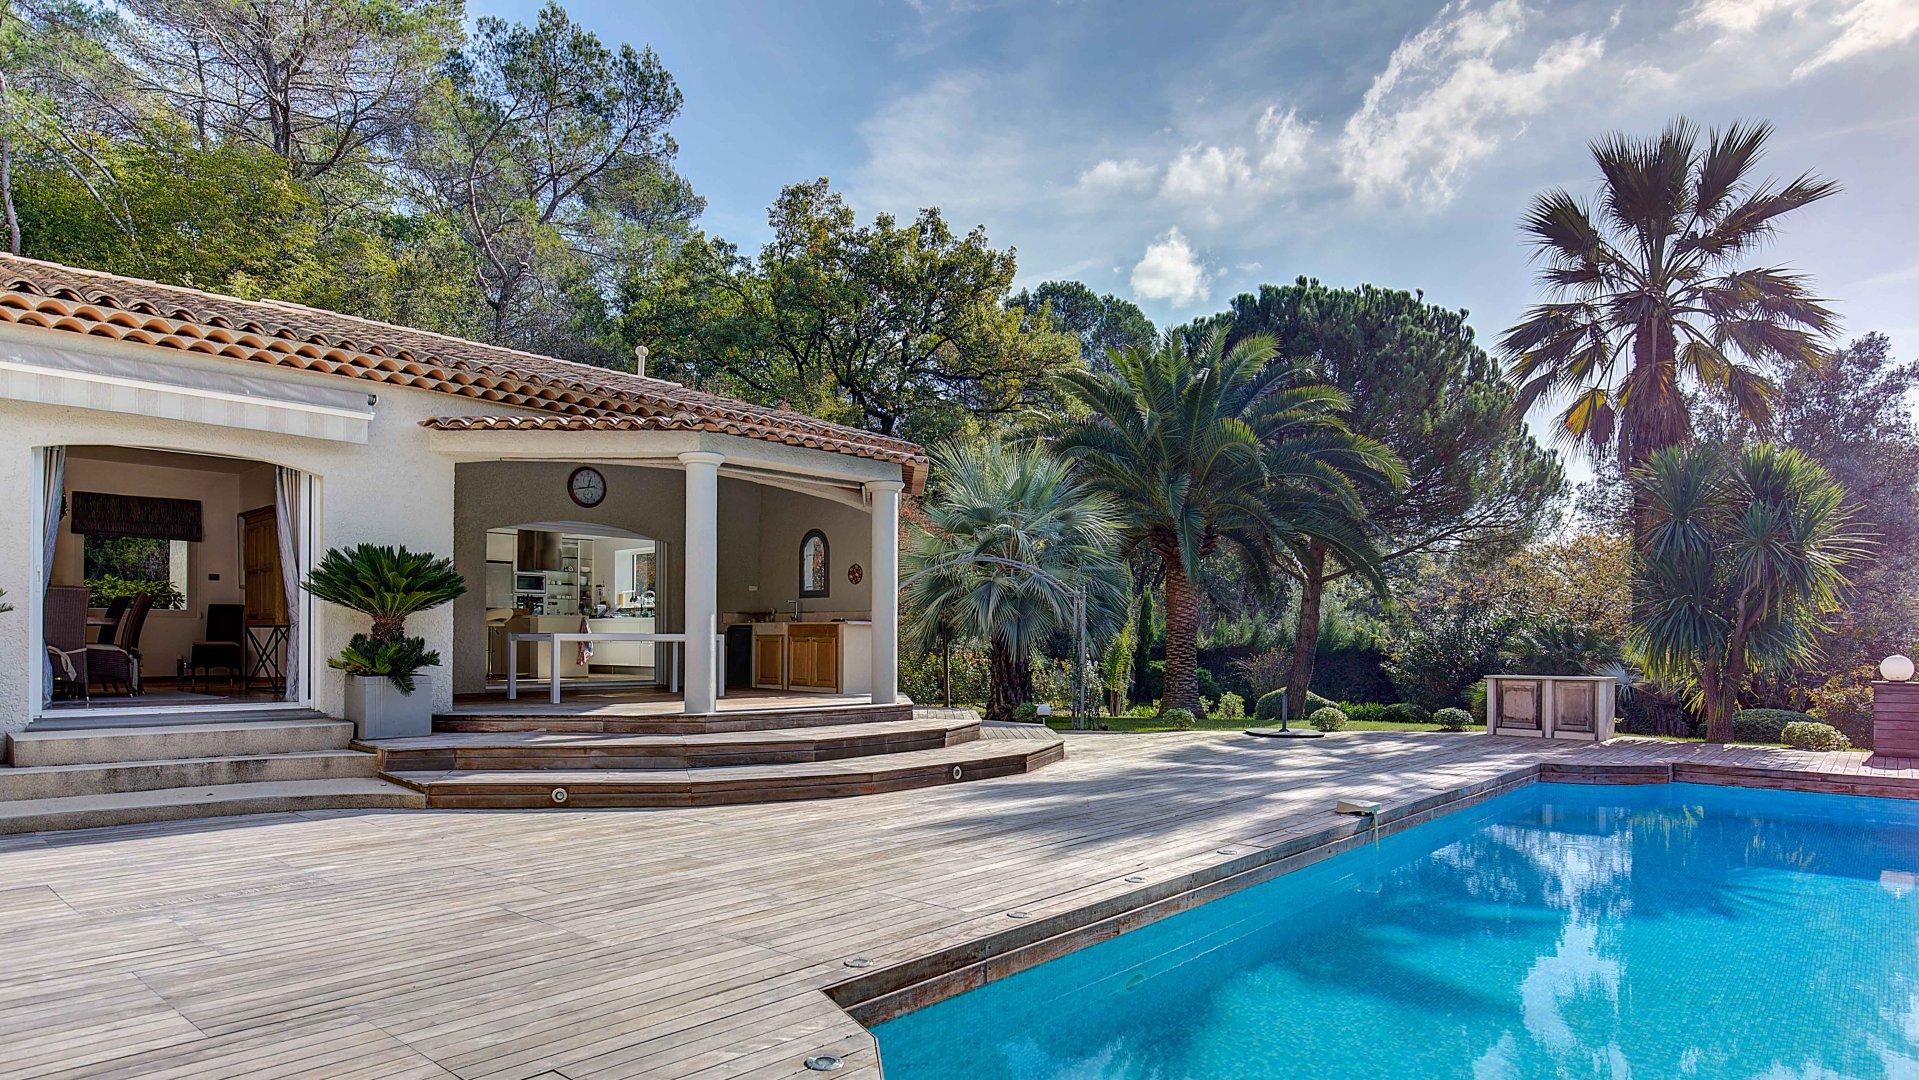 Verkauf Villa - Roquefort-les-Pins Notre-Dame - Frankreich